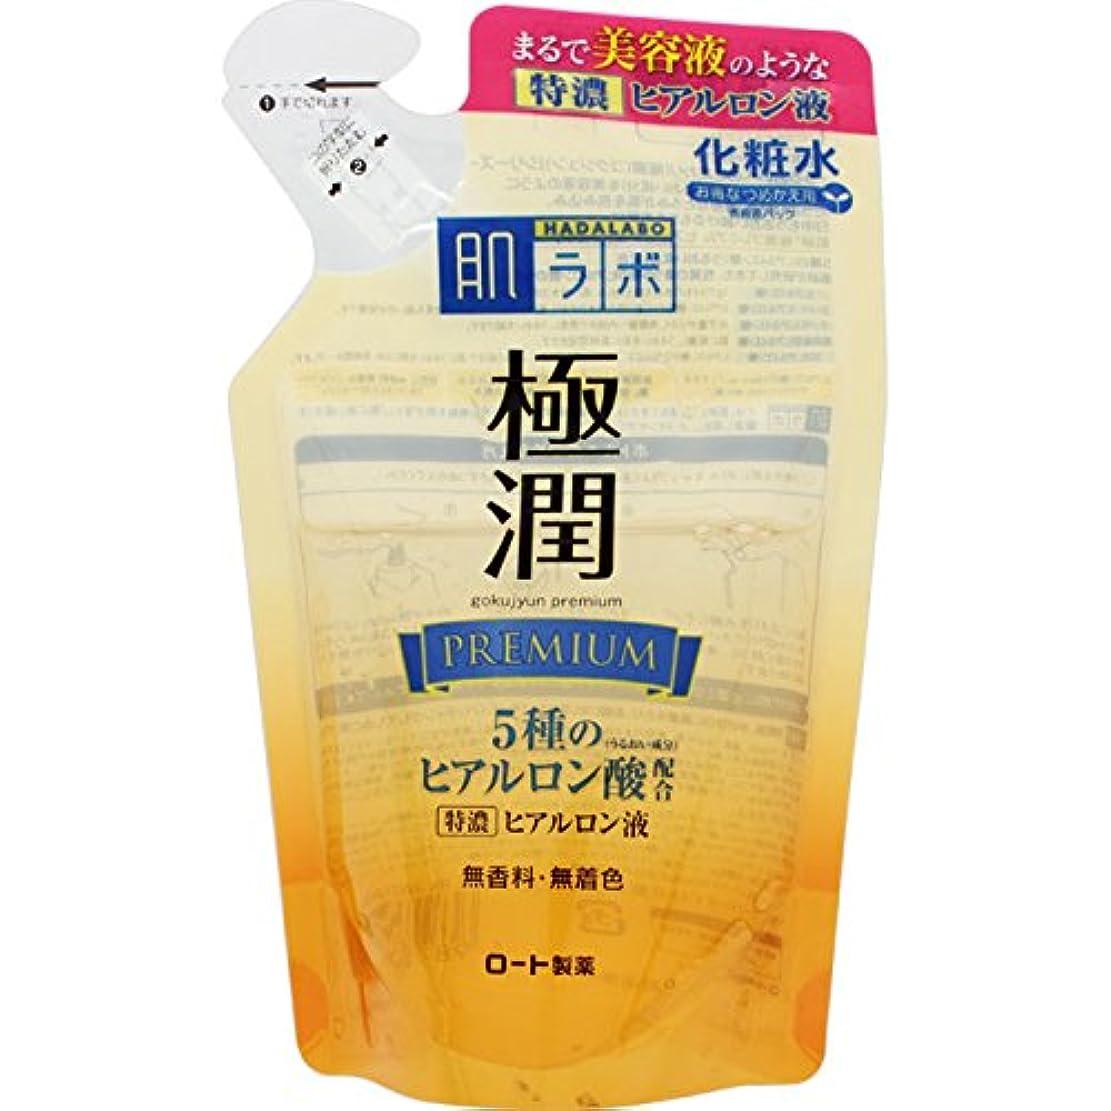 ファイアル感心するローマ人肌ラボ 極潤プレミアム 特濃ヒアルロン液 ヒアルロン酸5種類×サクラン配合 詰替用 170mL